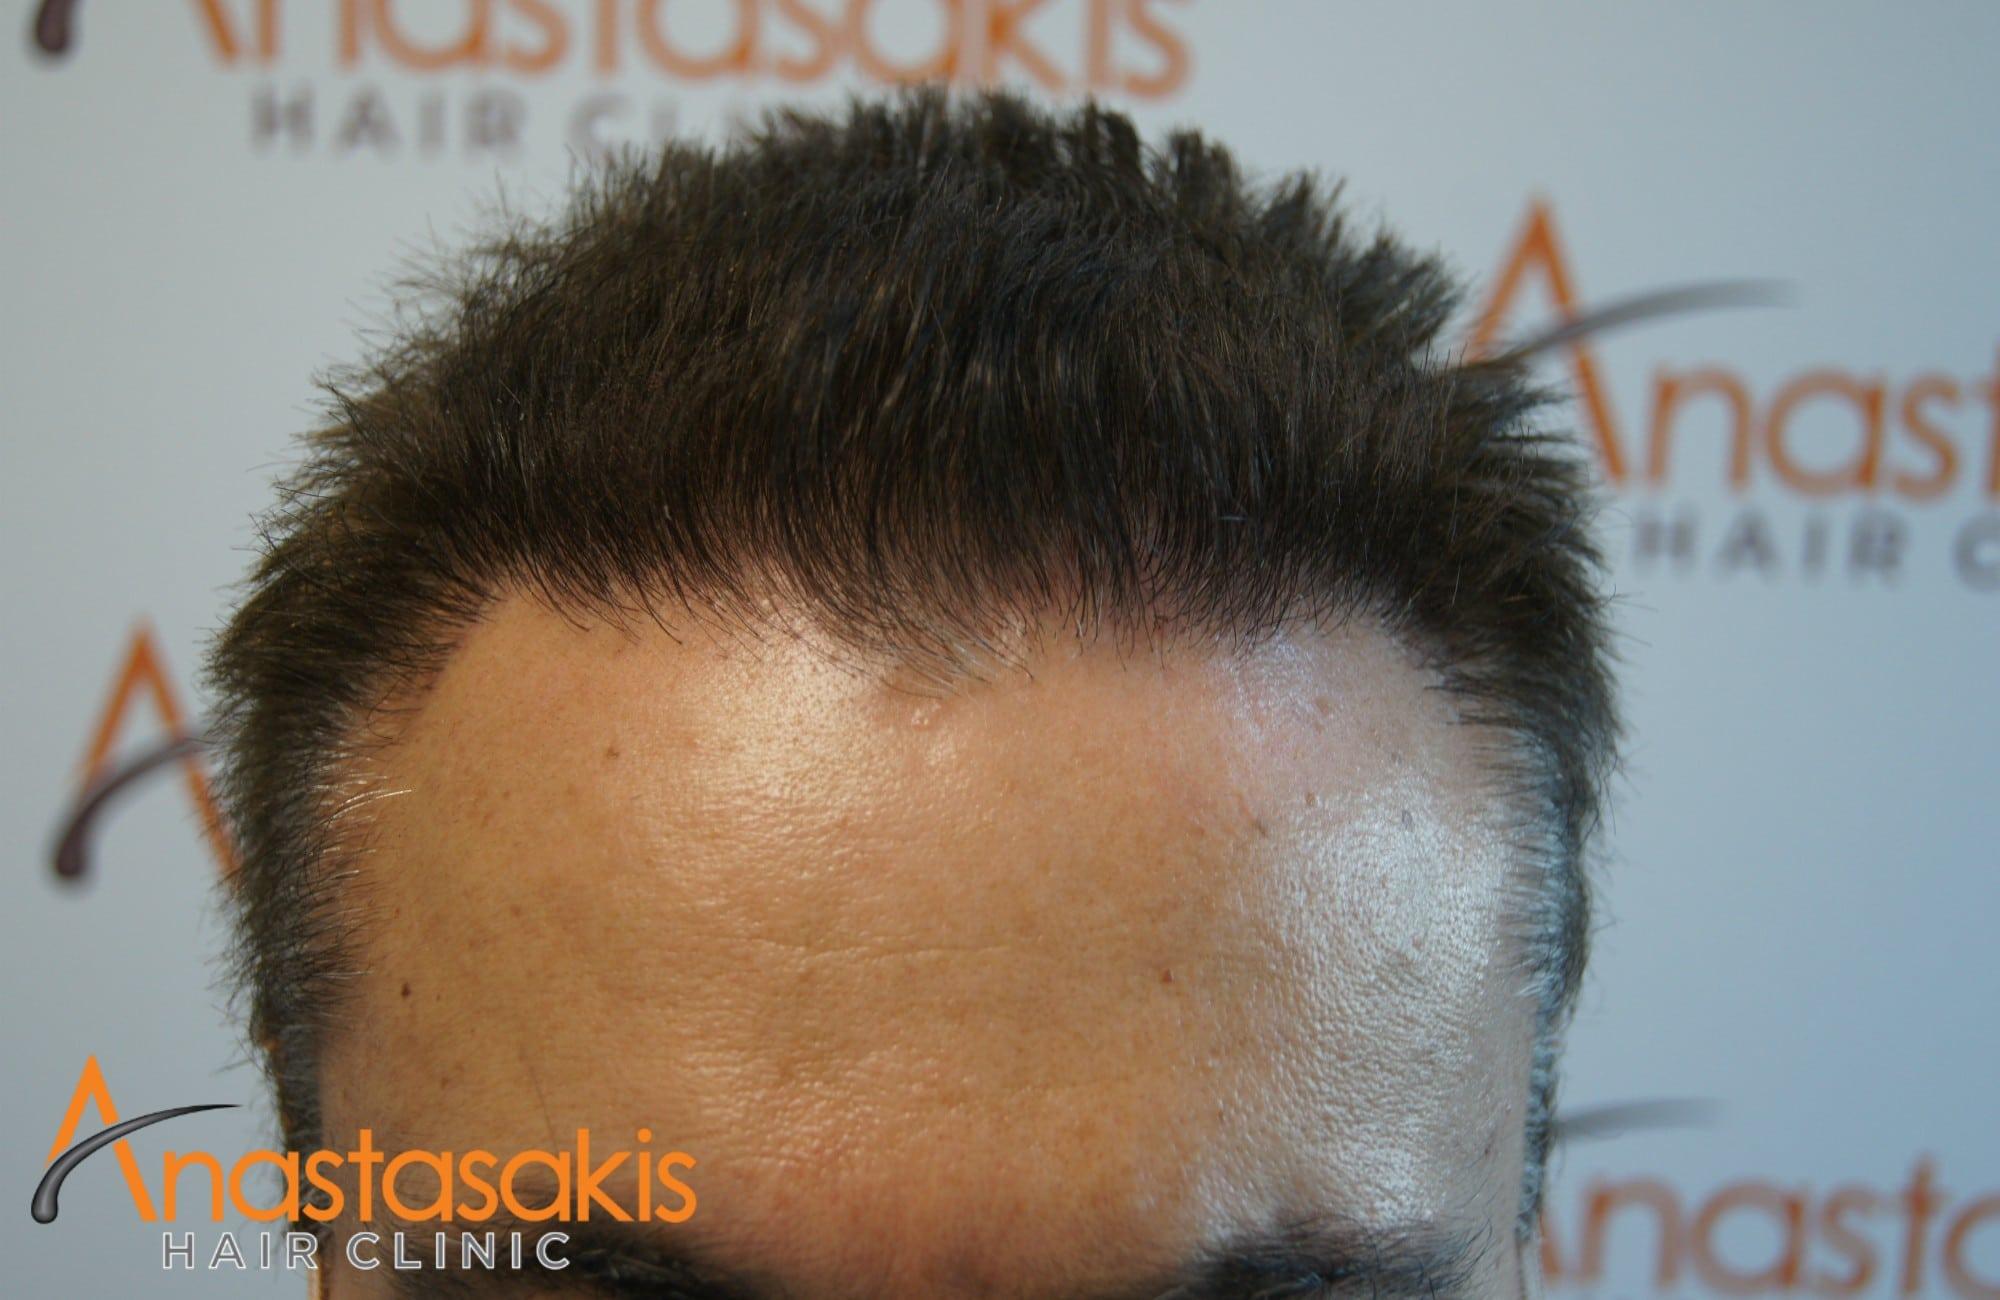 ασθενης μετα τη μεταμοσχευση μαλλιων με 1540fus μπροστα